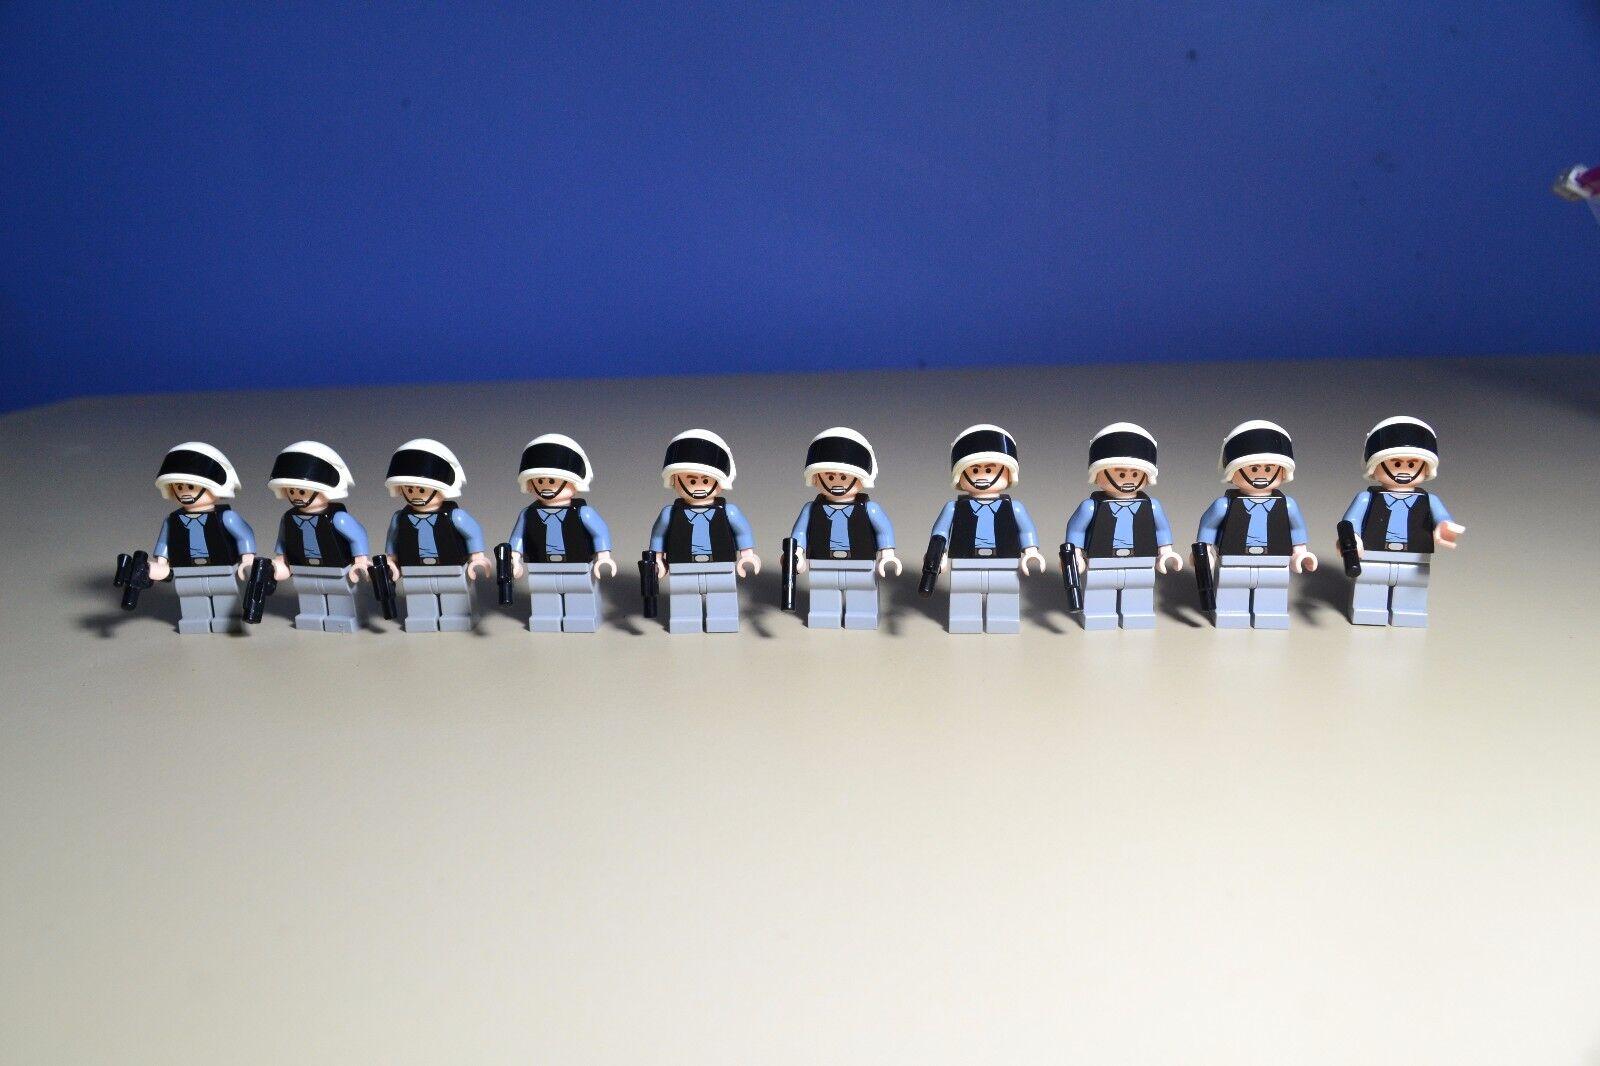 LEGO Star Wars Rebel Scout Trooper Minifigure 7668 10198 lot x 10